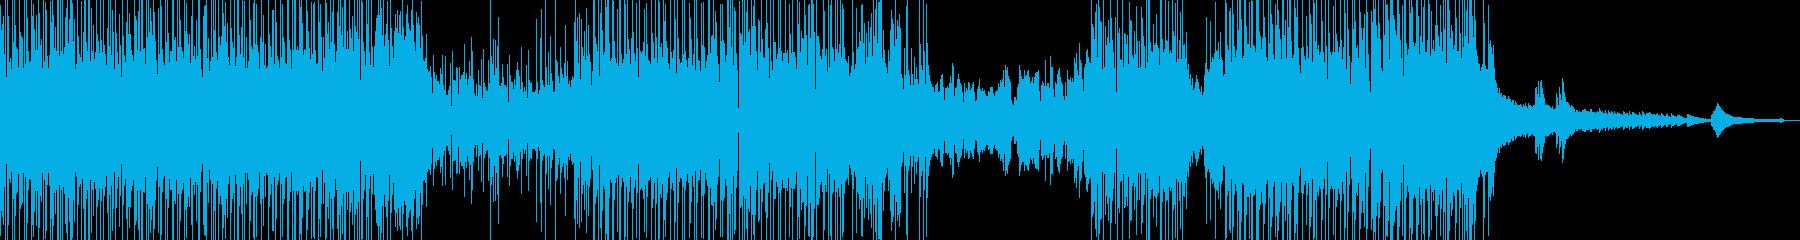 フルート・涼し気なポップス 短尺の再生済みの波形